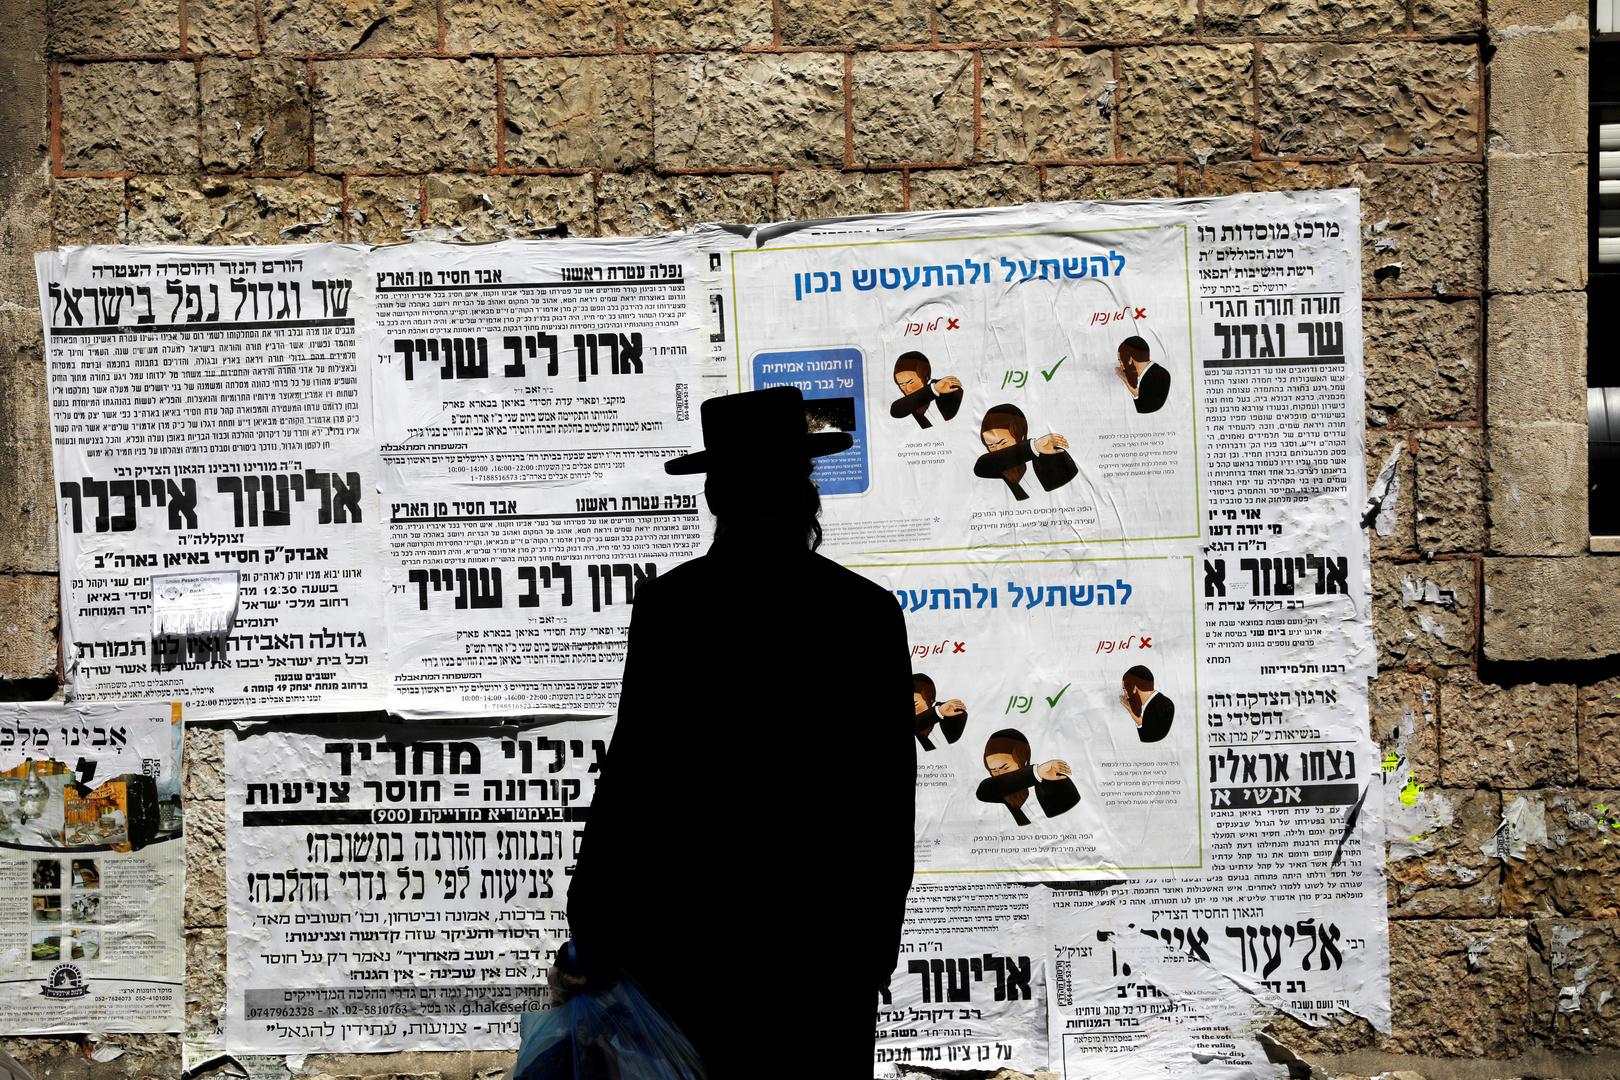 كورونا يضرب إسرائيل.. أكثر من مليون عاطل عن العمل